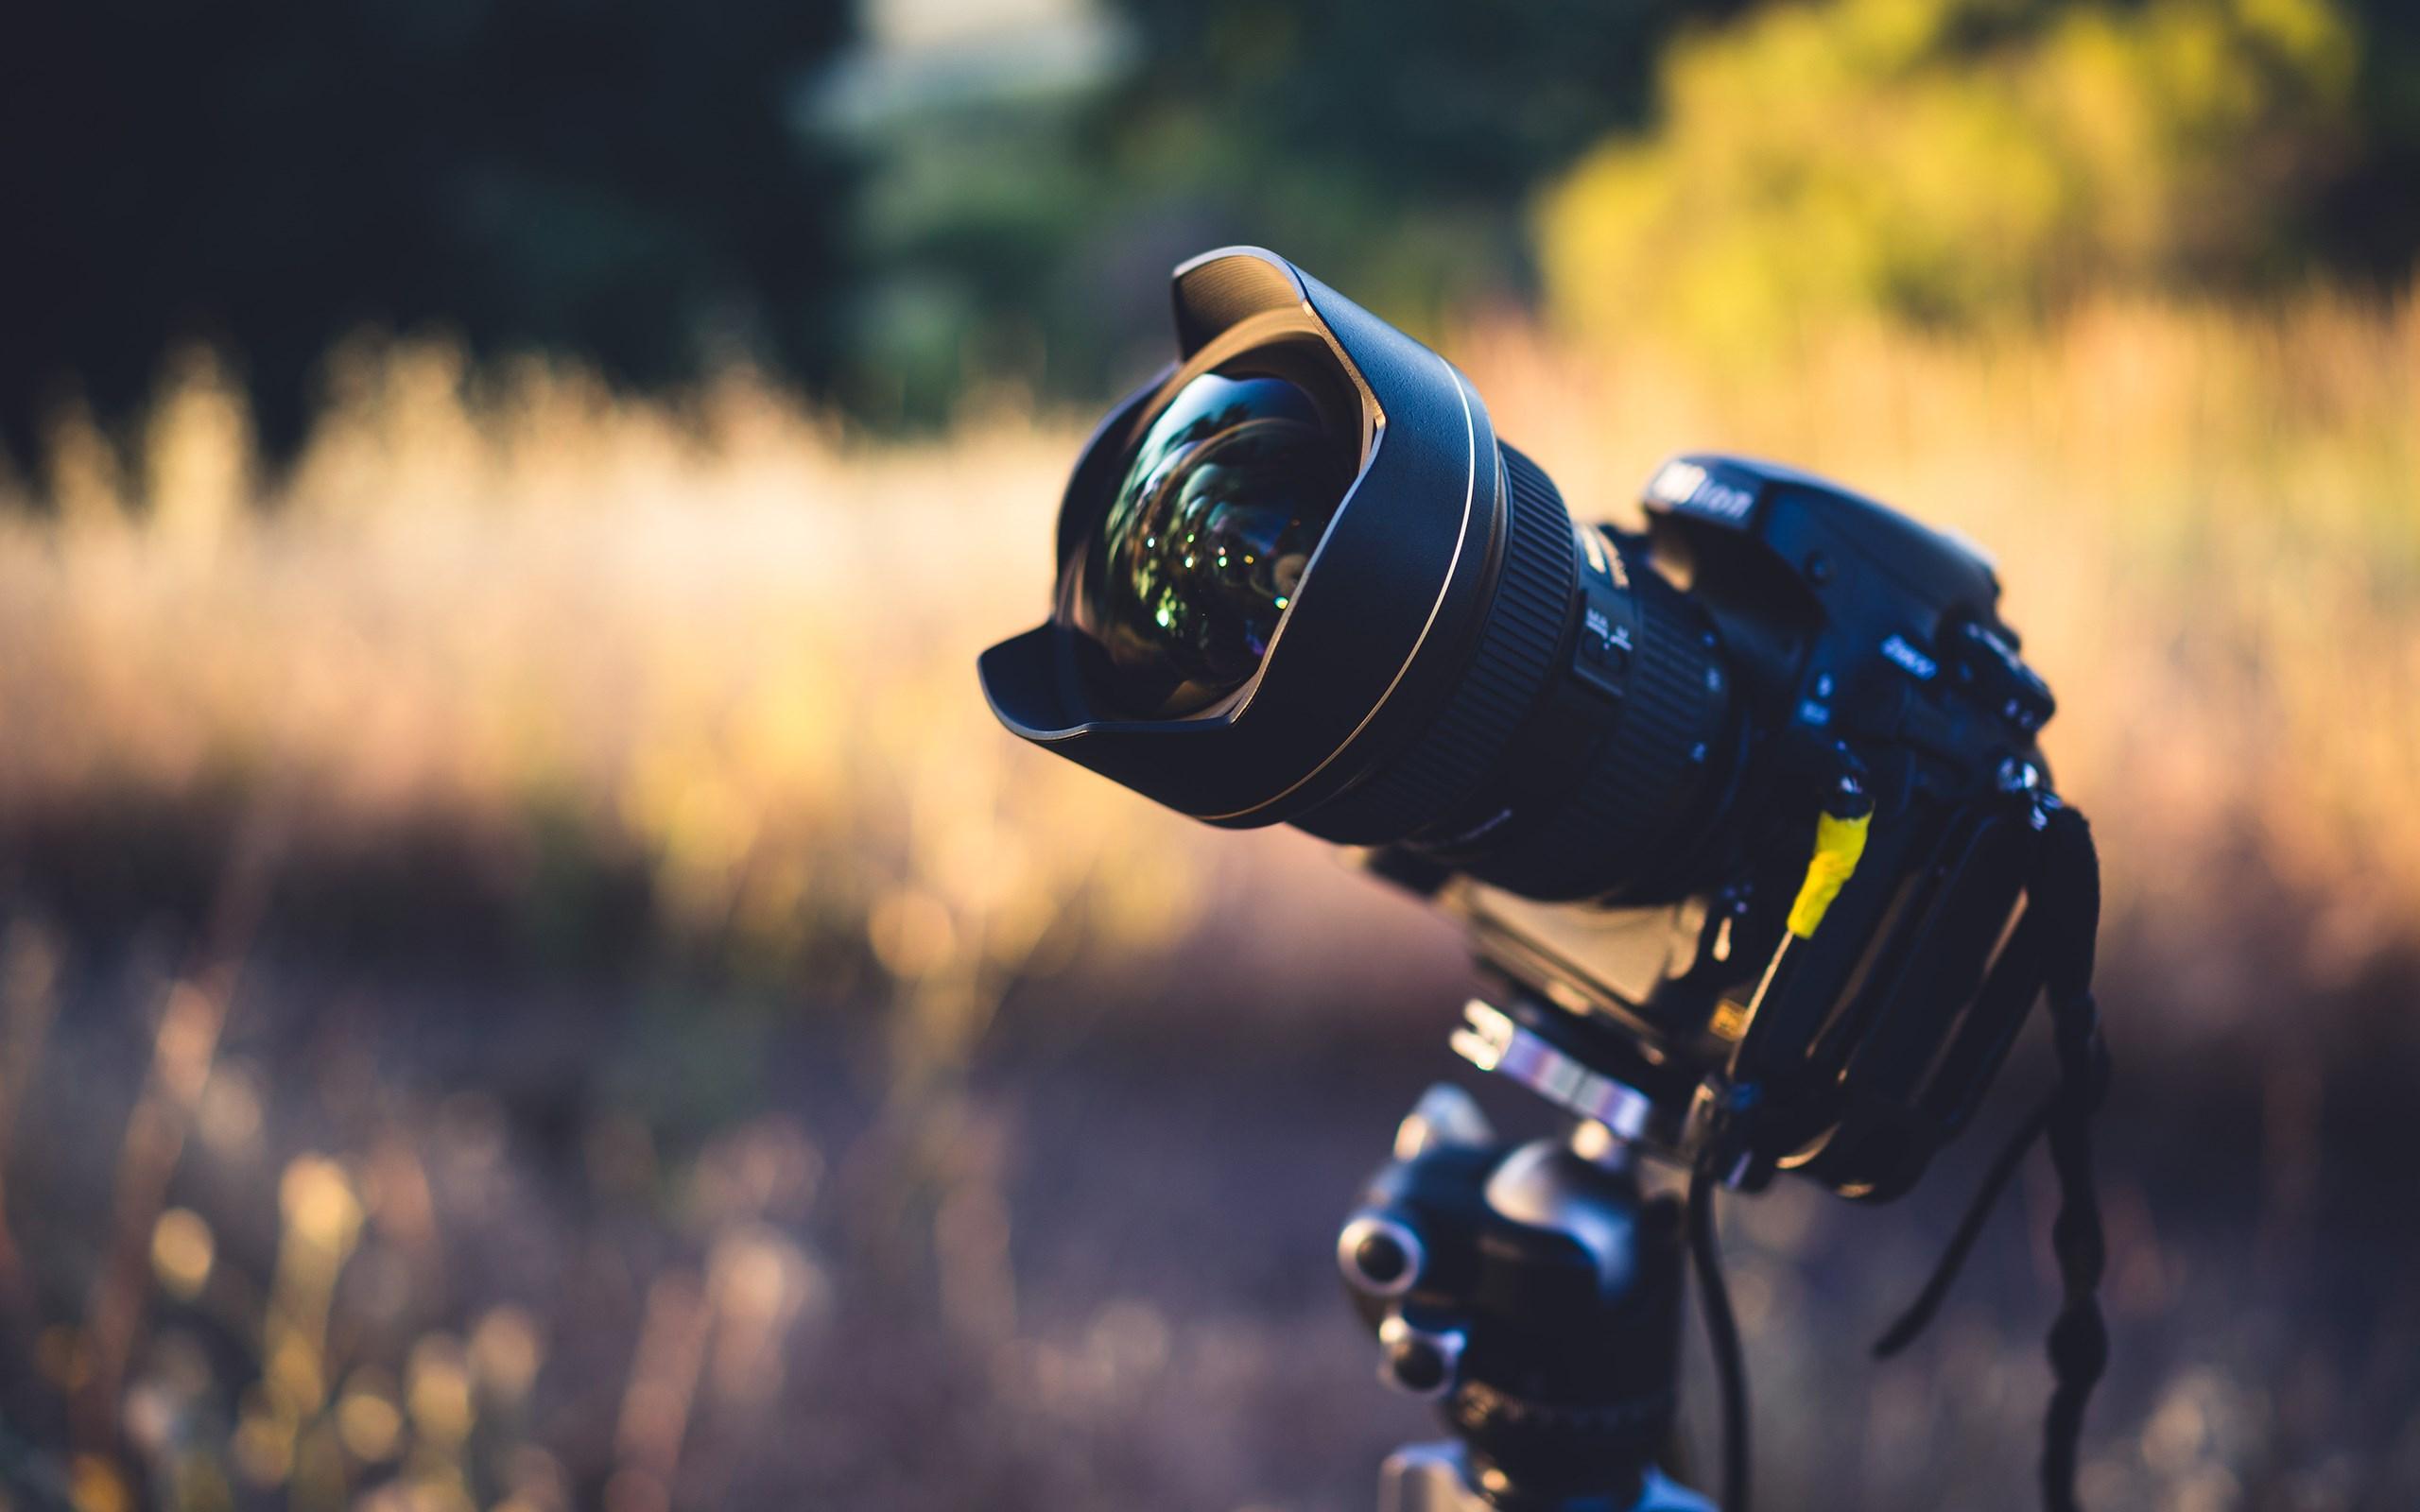 Hd wallpaper camera - Hd Wallpaper Camera 5